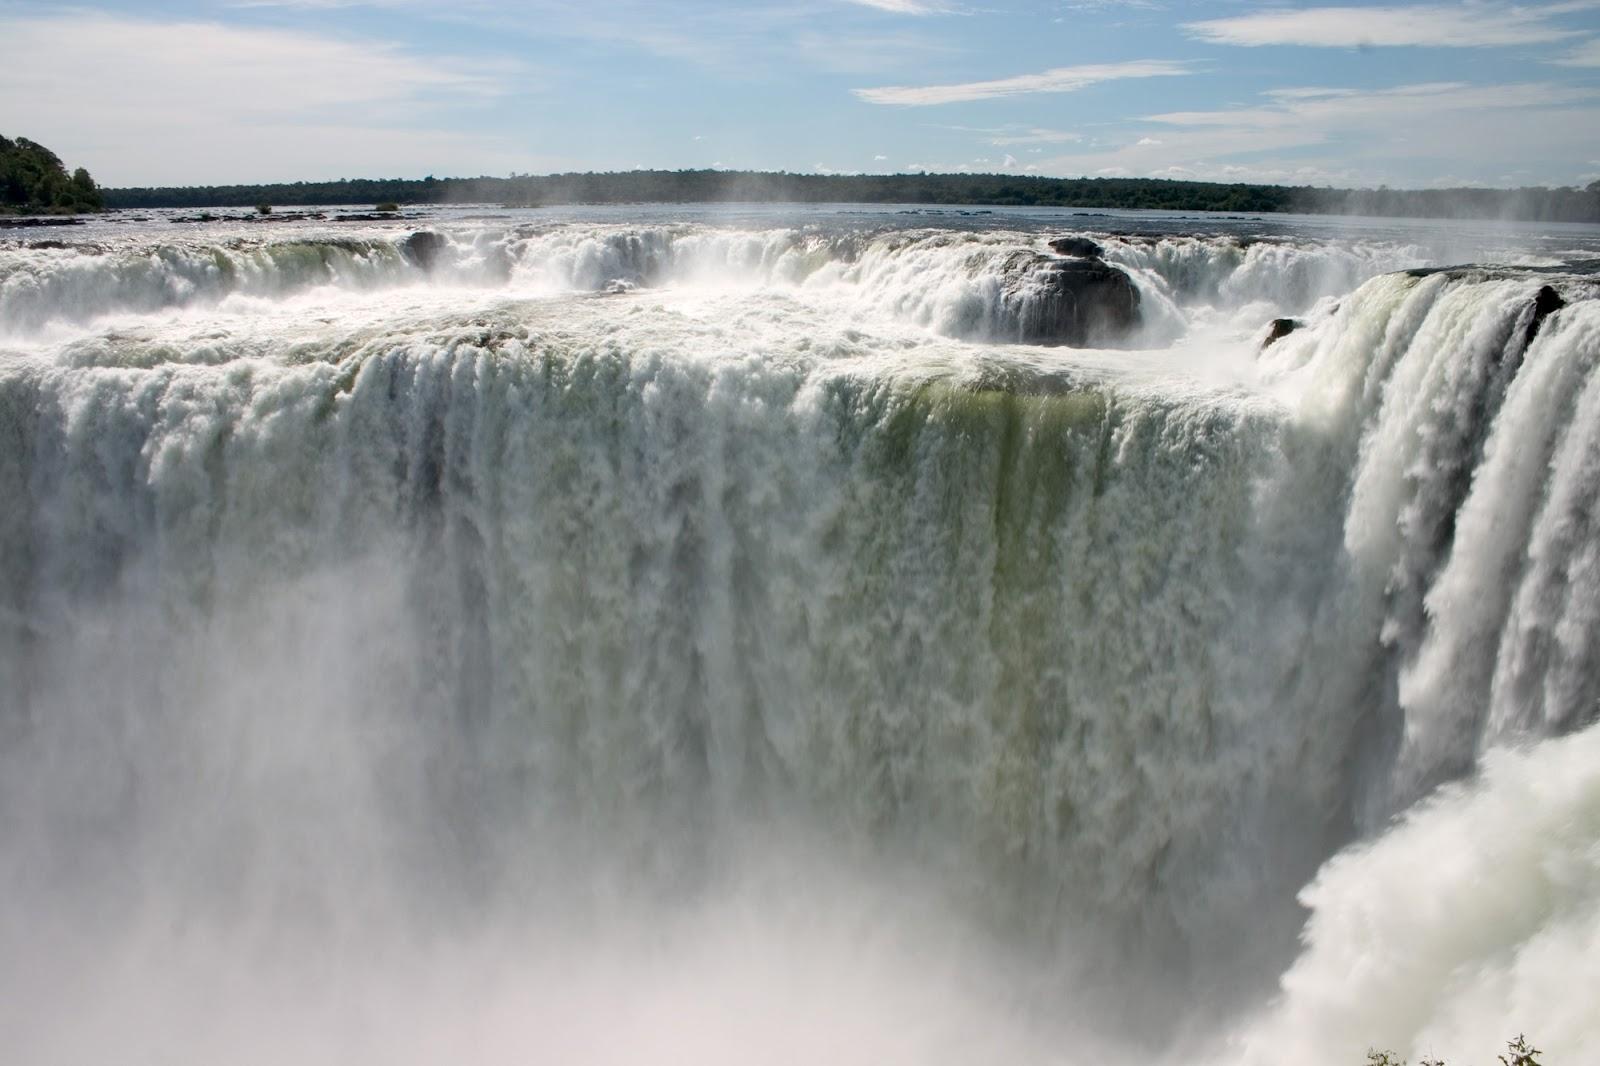 Salto de Sete Quedas: a maravilha natural inundada por um lago artificial 02